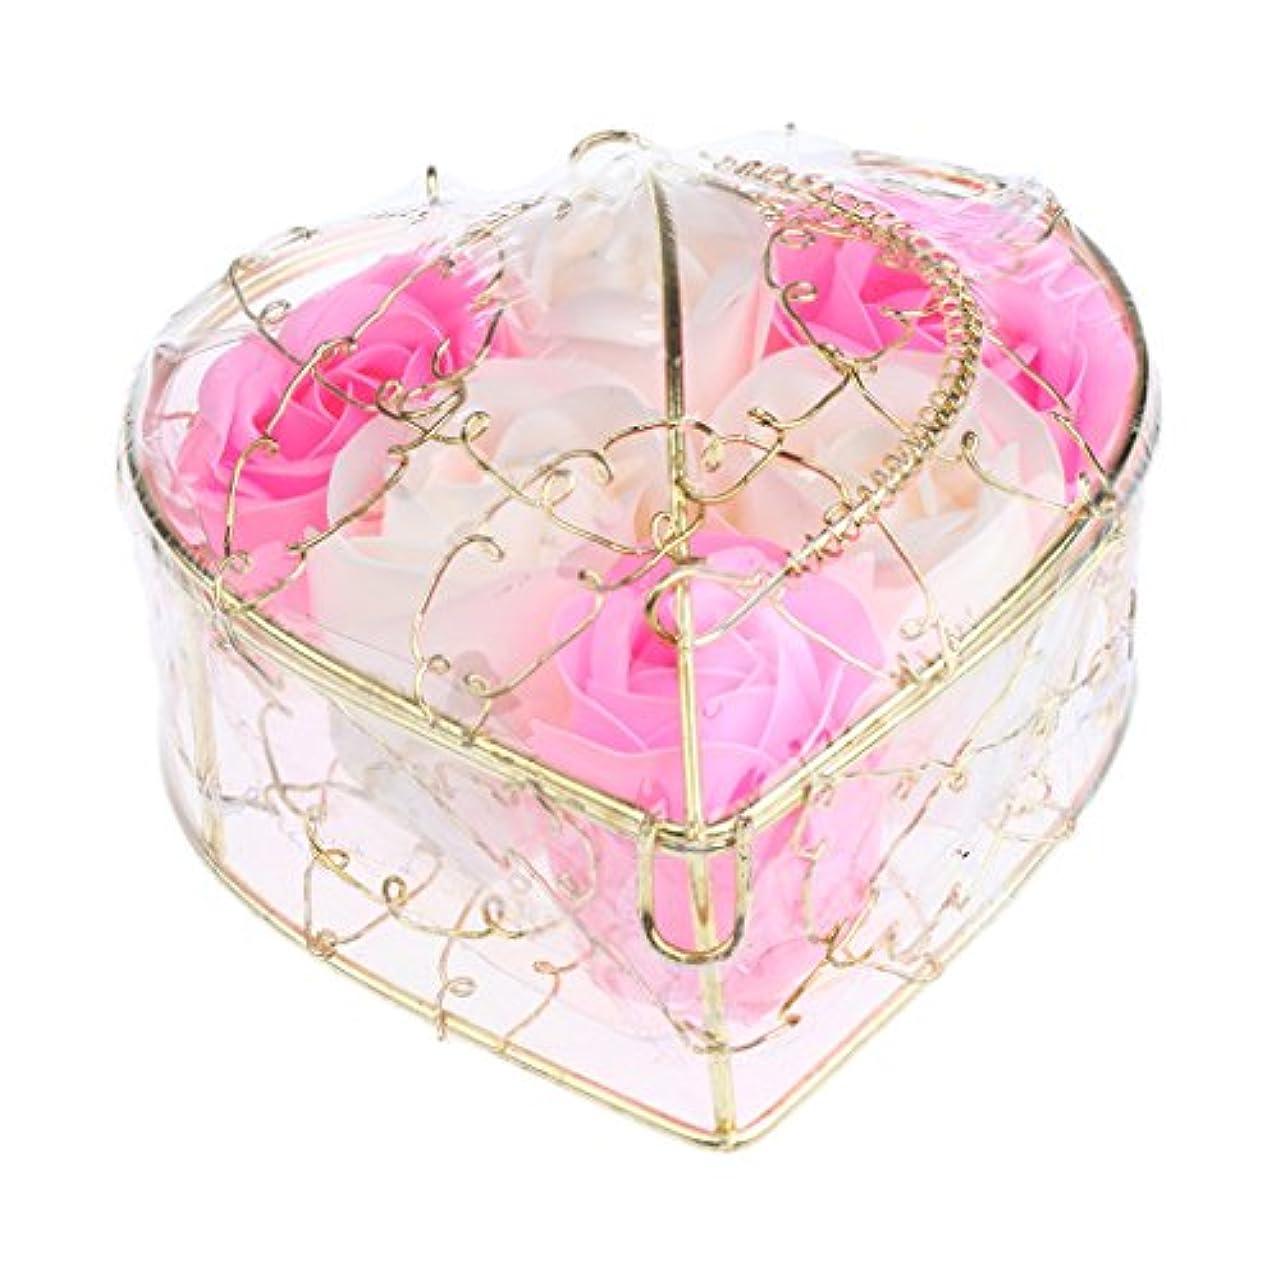 額許す工業用母の日のための6個のバラ石鹸の花びらのギフトボックス - ピンクとホワイト